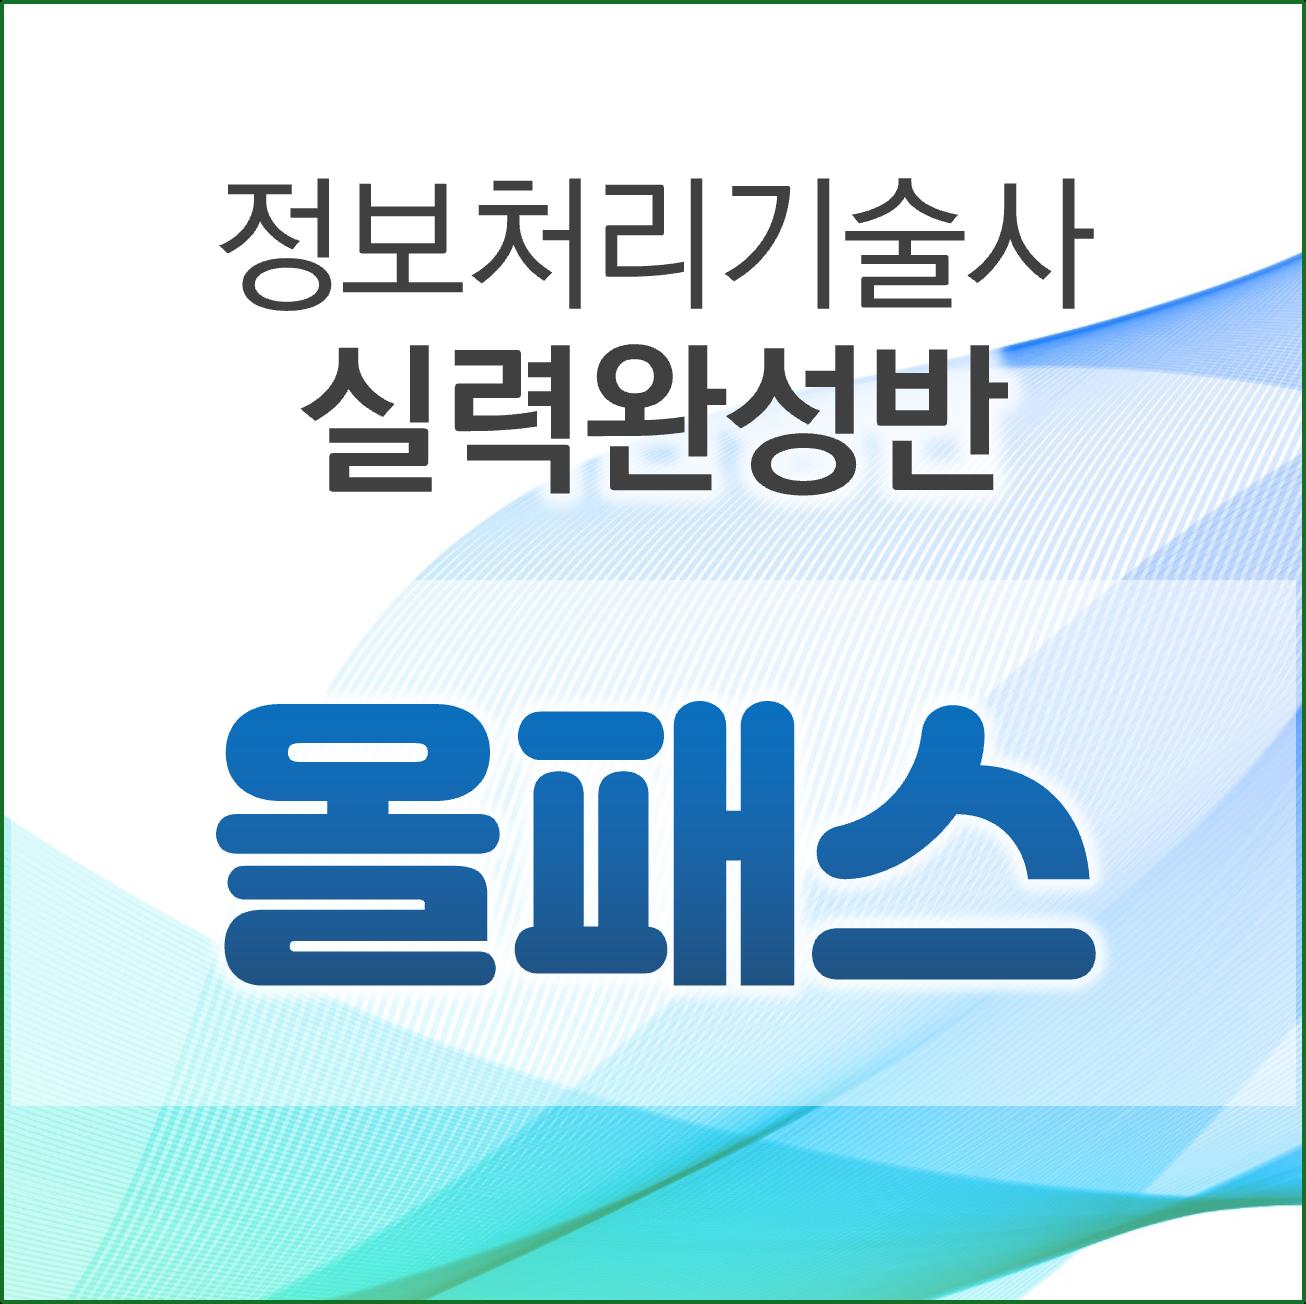 [정보처리기술사-실력완성] 올패스반(김미경PE)